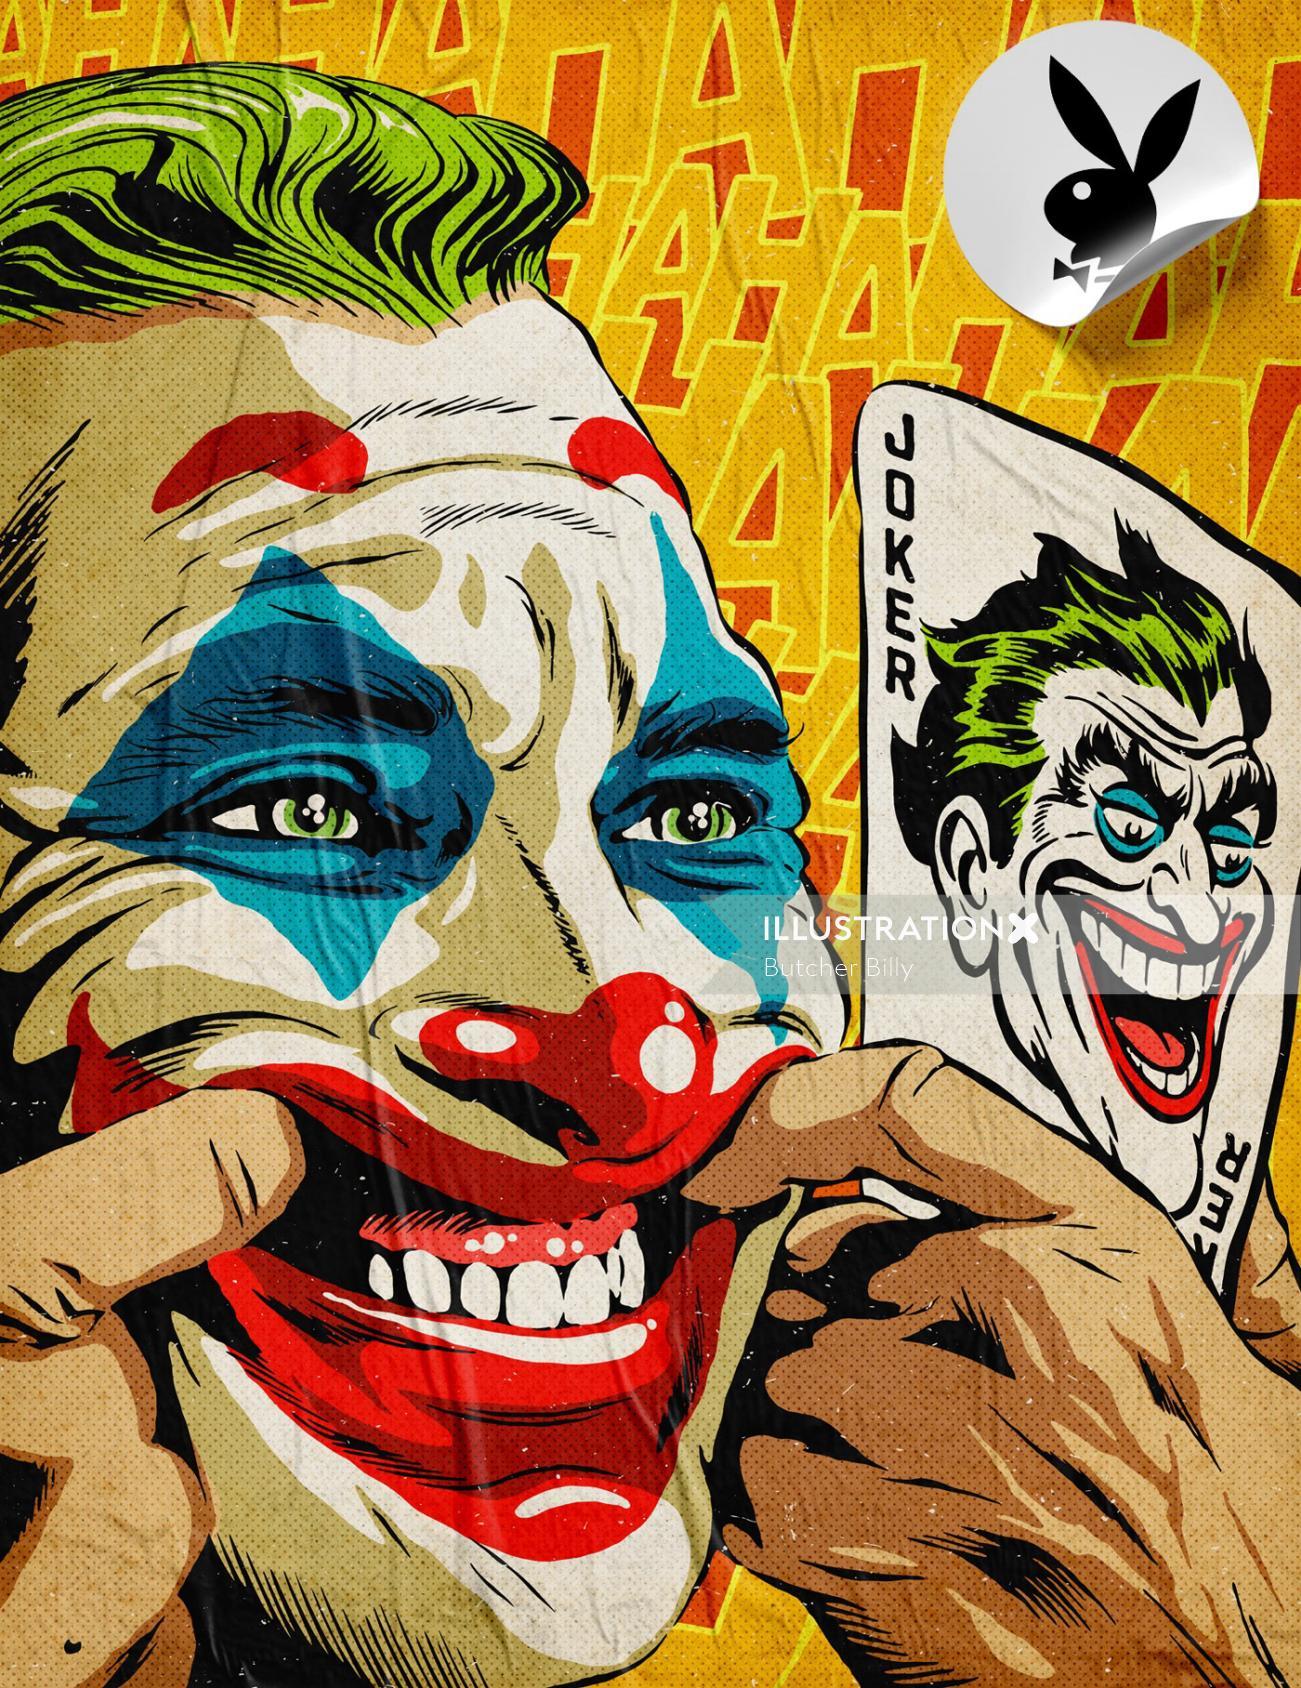 Comic illustration of joker